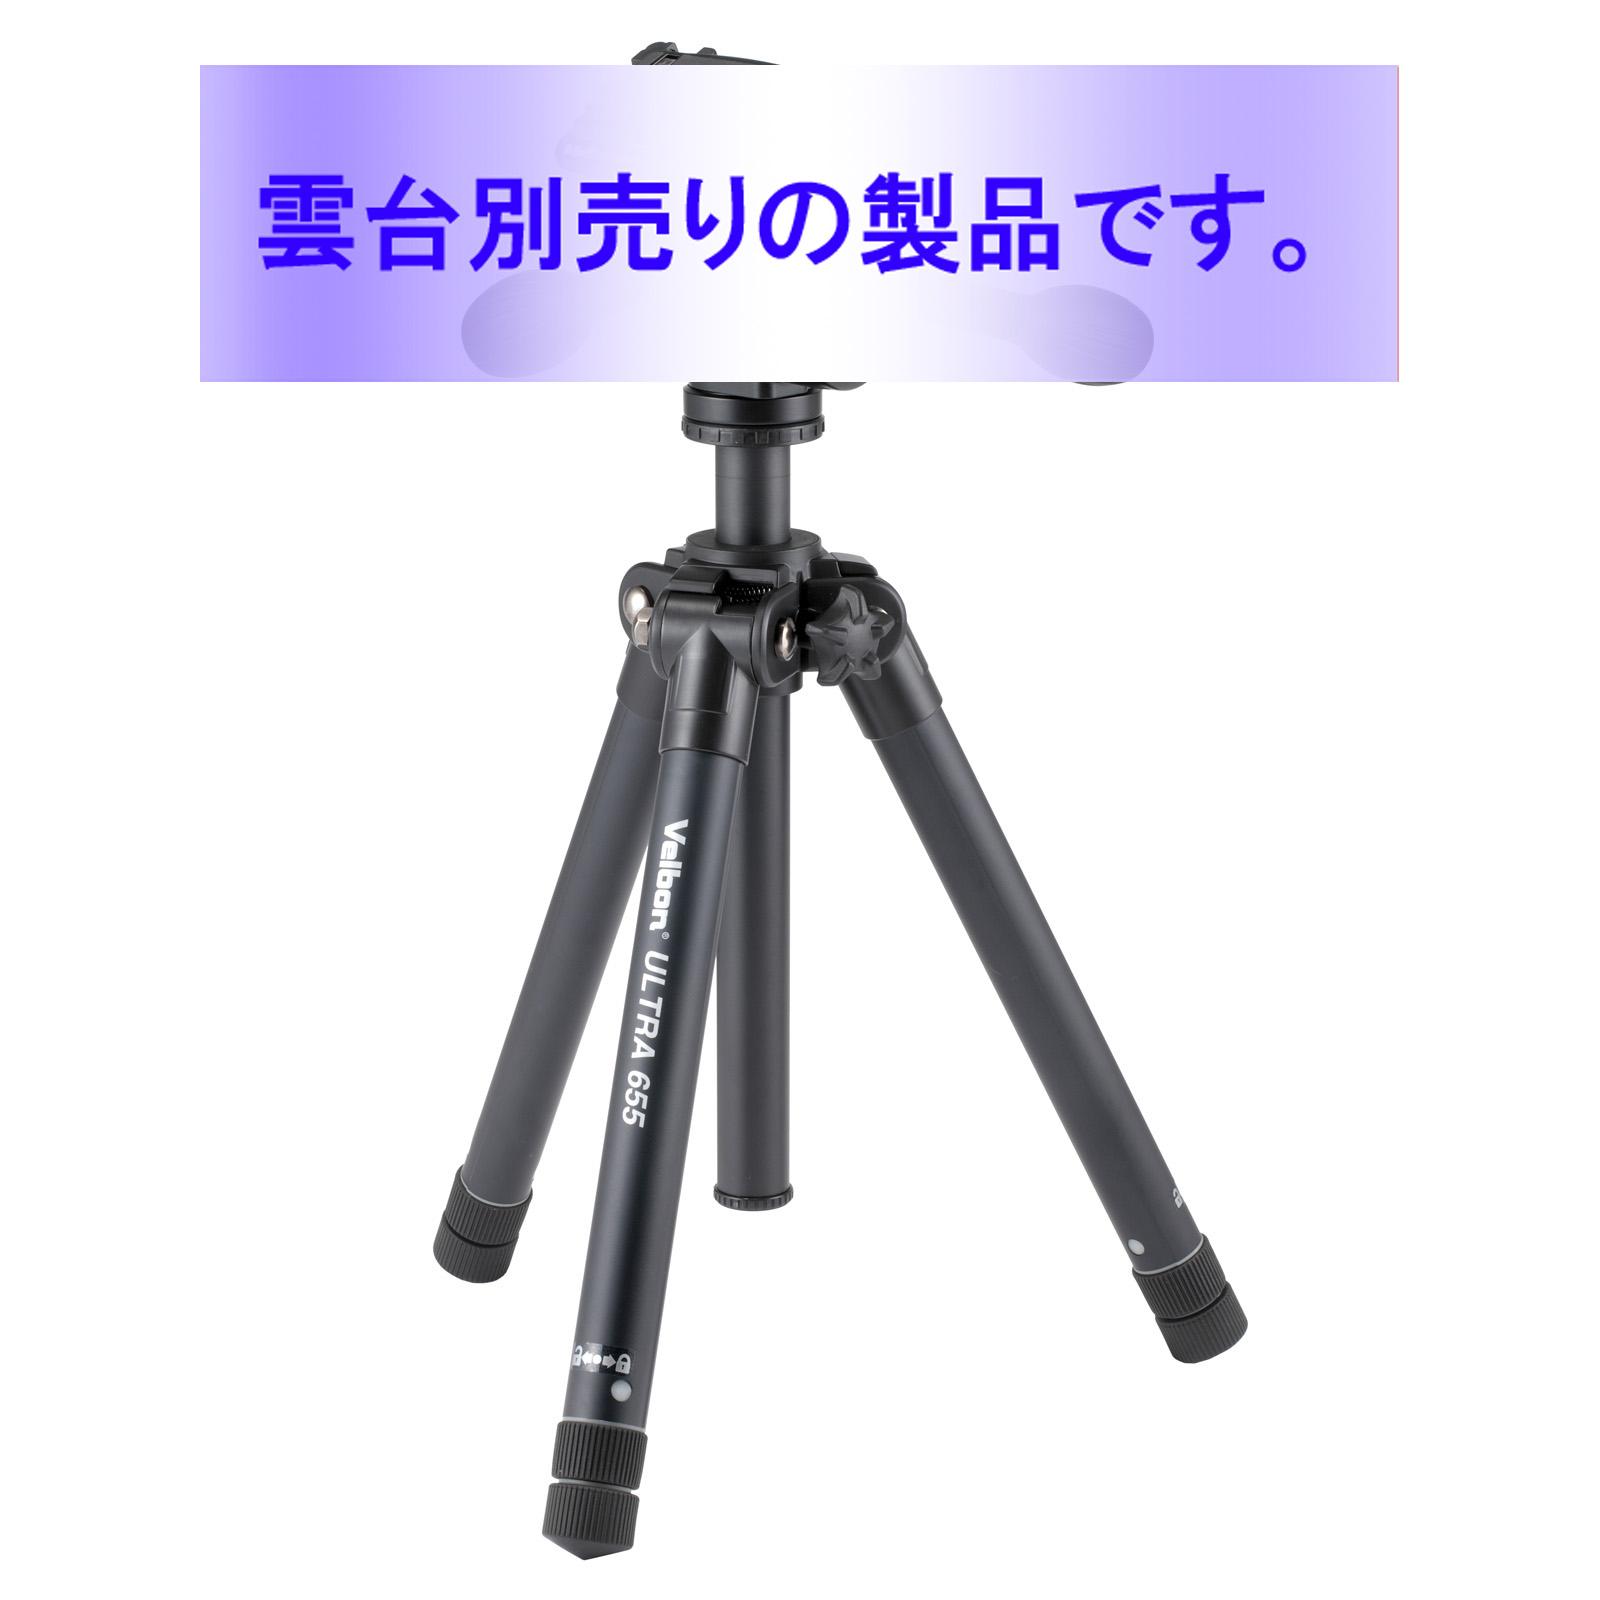 【B級品】 ウルトラ 655(A) 脚のみ